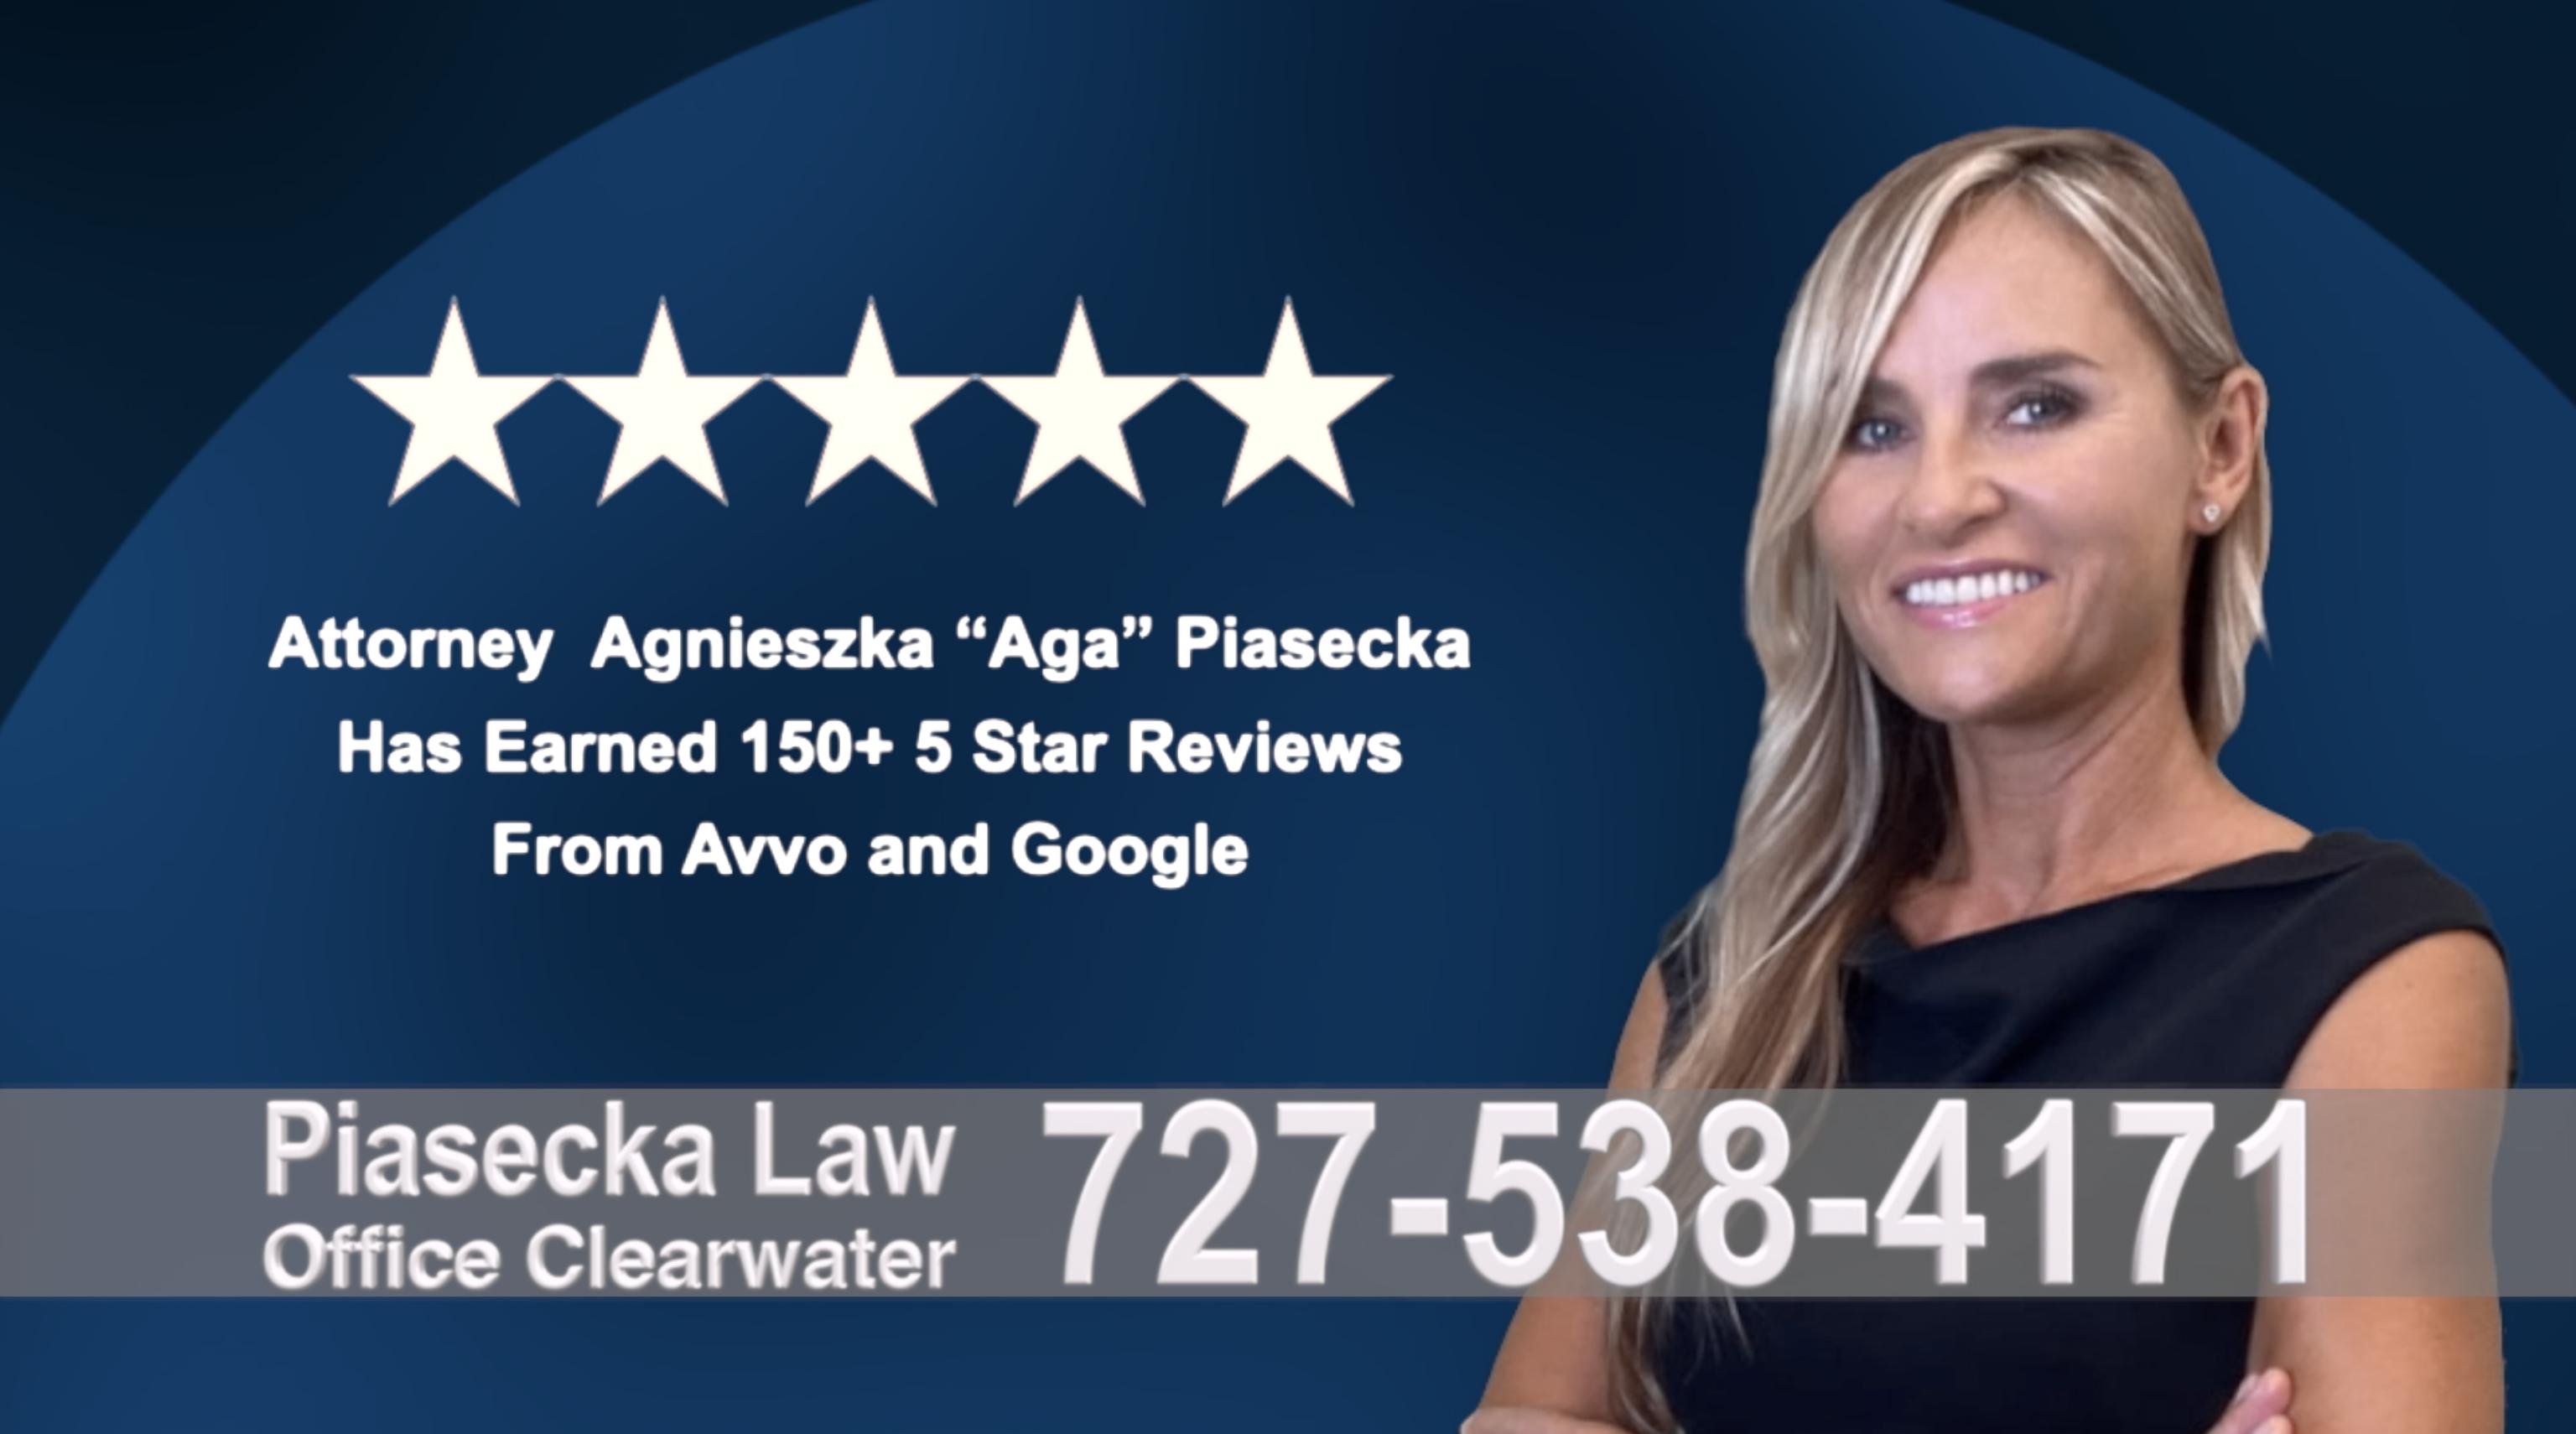 Real Estate Attorney Florida Agnieszka, Aga, Piasecka, Polish, Lawyer, Attorney, Opinie klientów, Best, Najlepszy, Polskojęzyczny, Prawnik, Polski, Adwokat, Florida, Floryda, USA